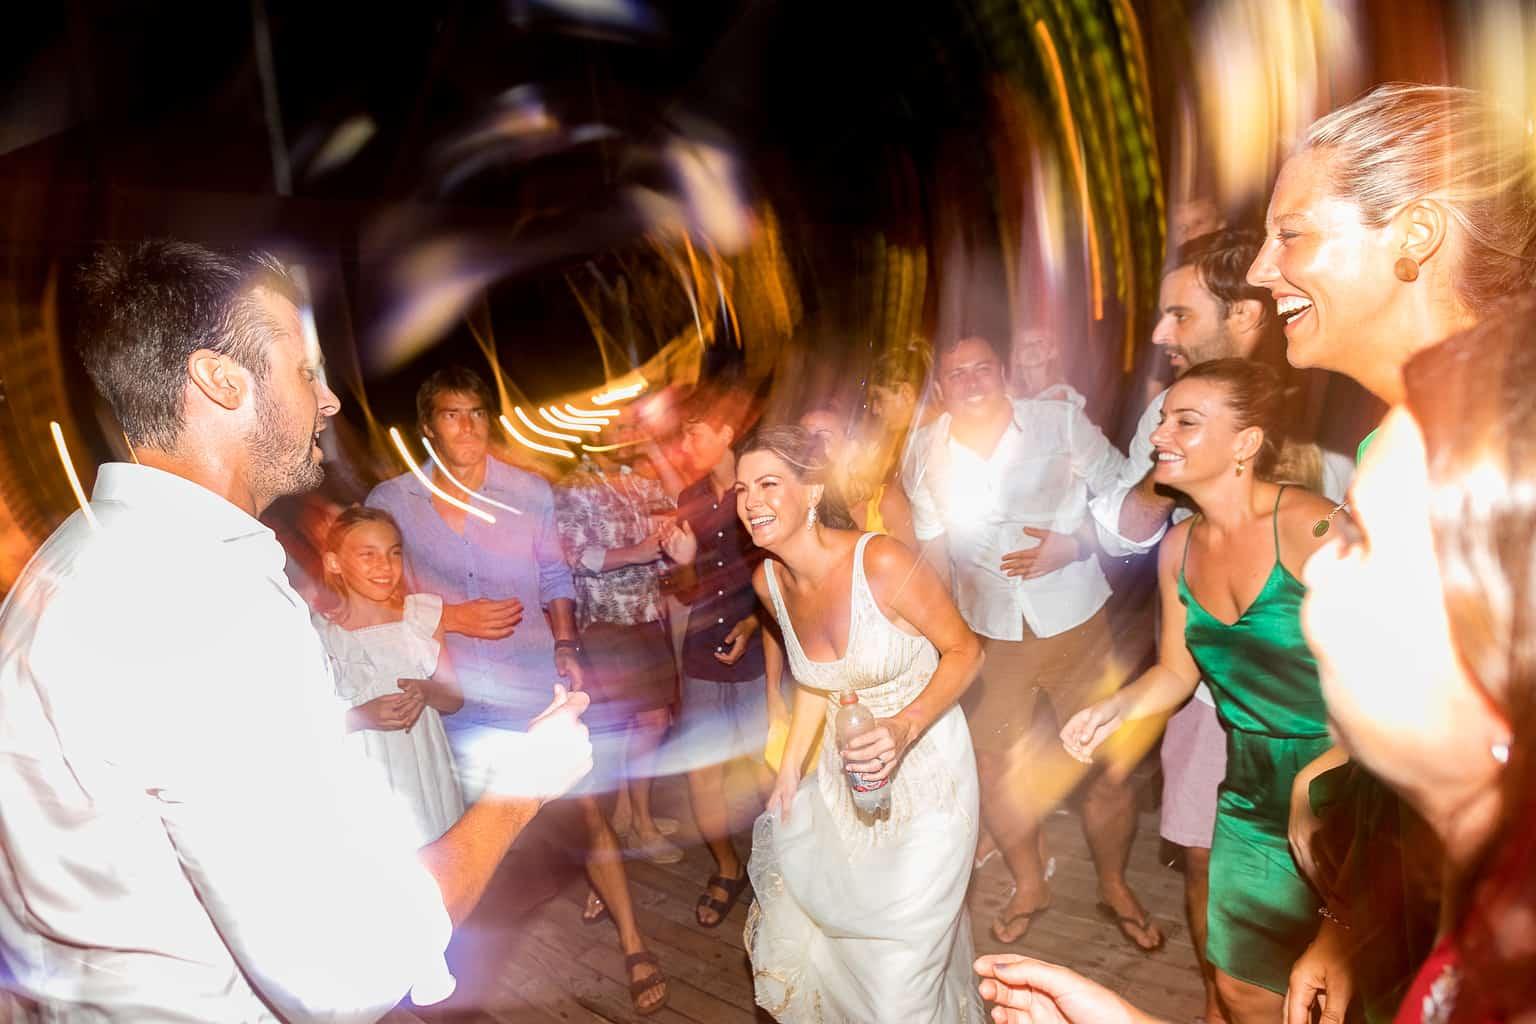 Casamento-Victoria-e-Christian-Fotografia-Tiago-Saldanha-Festa784_MG_3173